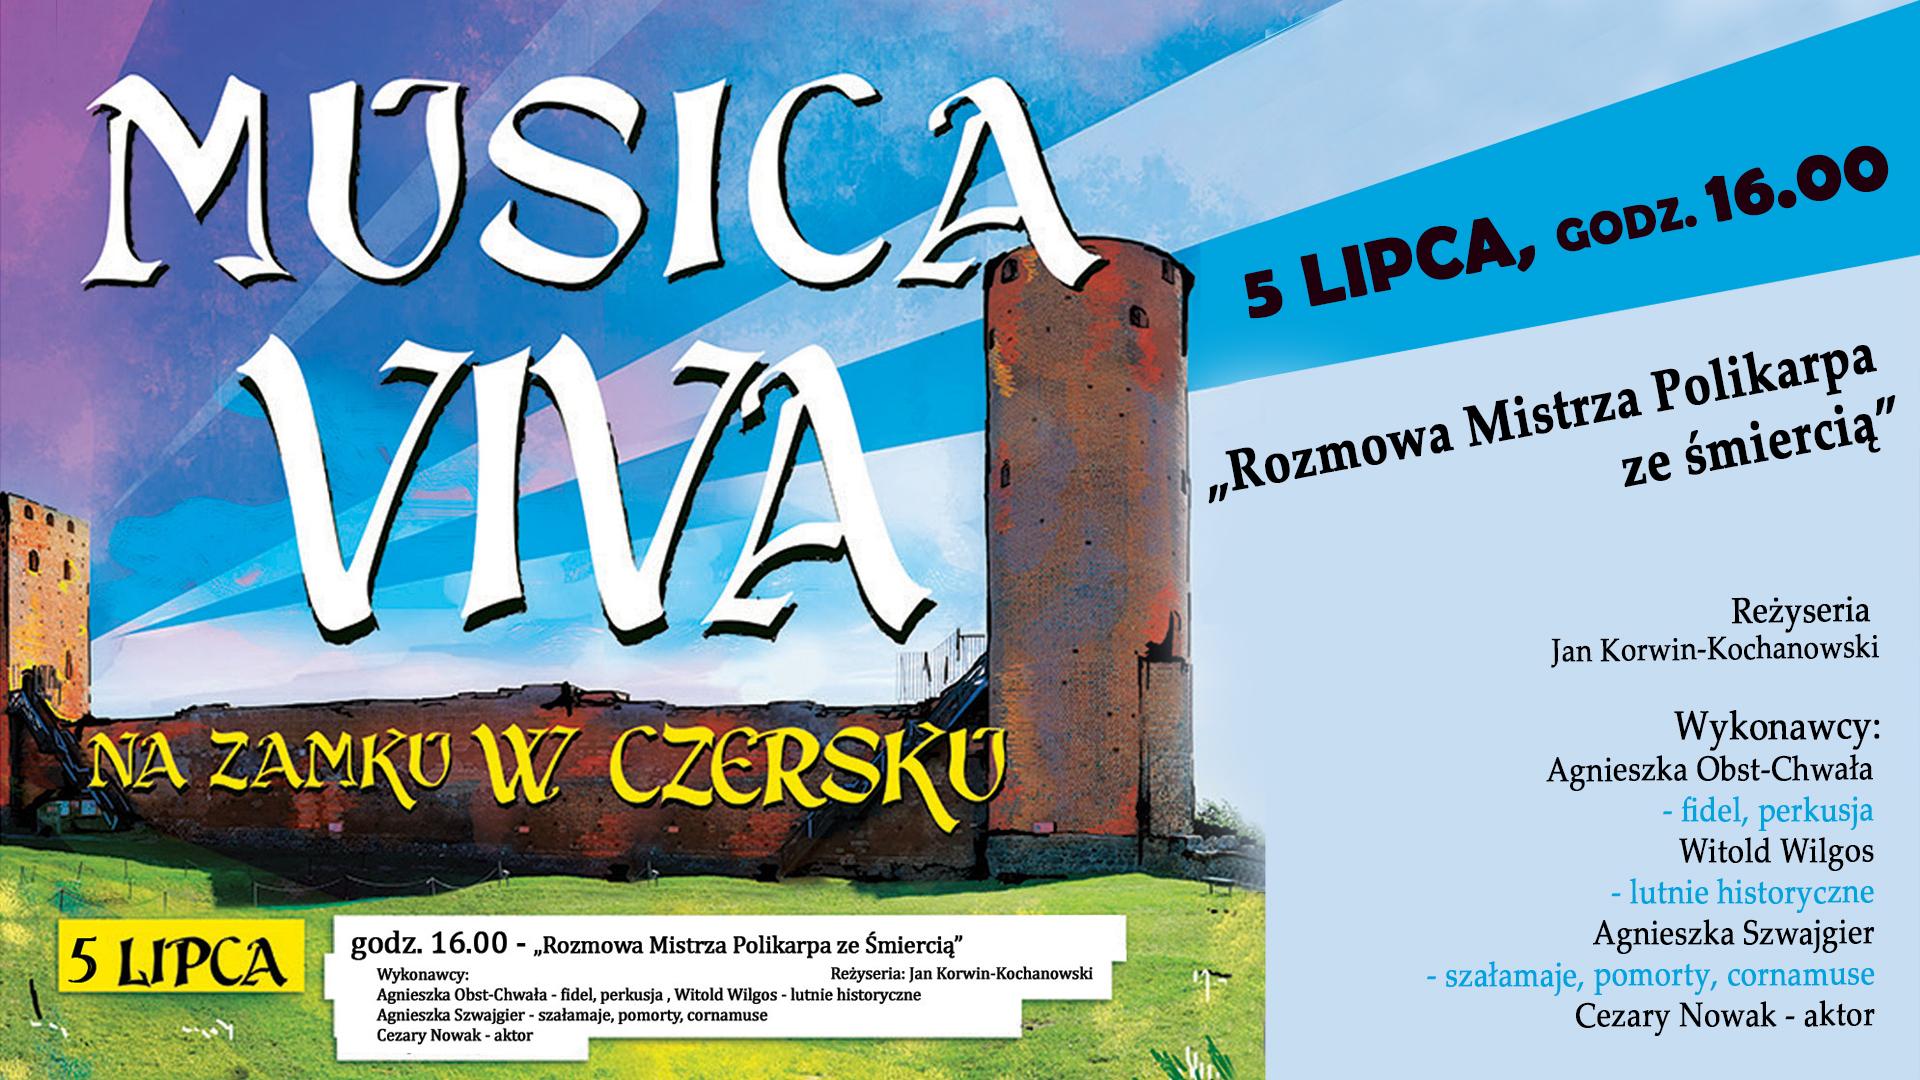 Musica Viva - cykl koncertów na zamku w Czersku